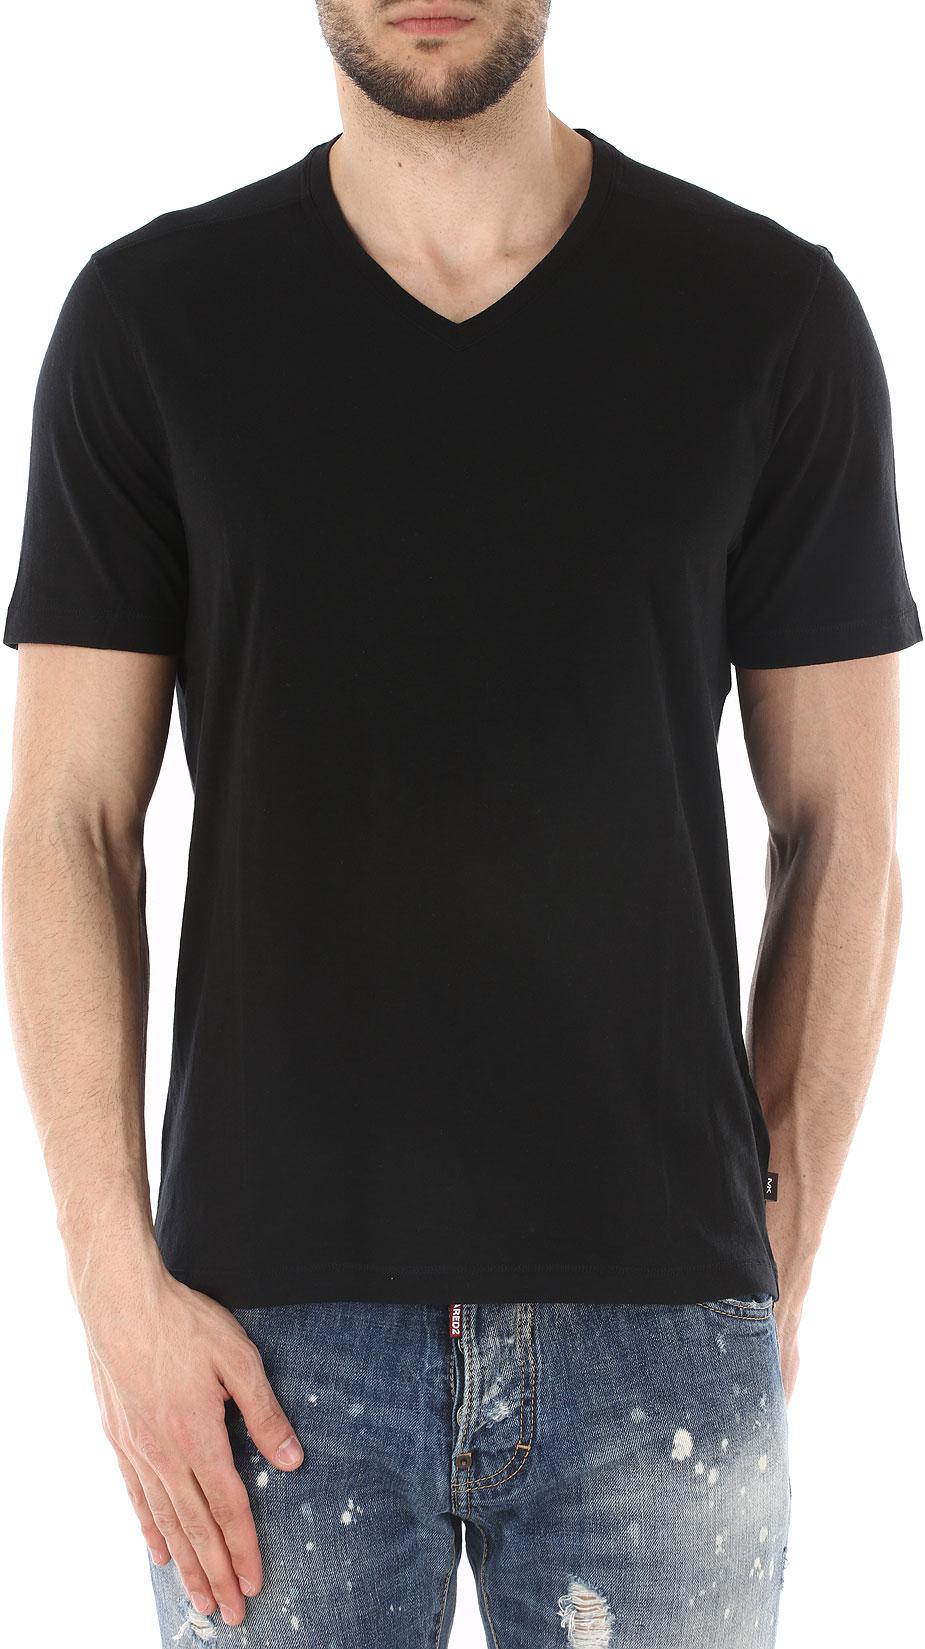 Abbigliamento Uomo Michael Kors, Codice Articolo: cs75g8z31k-001-